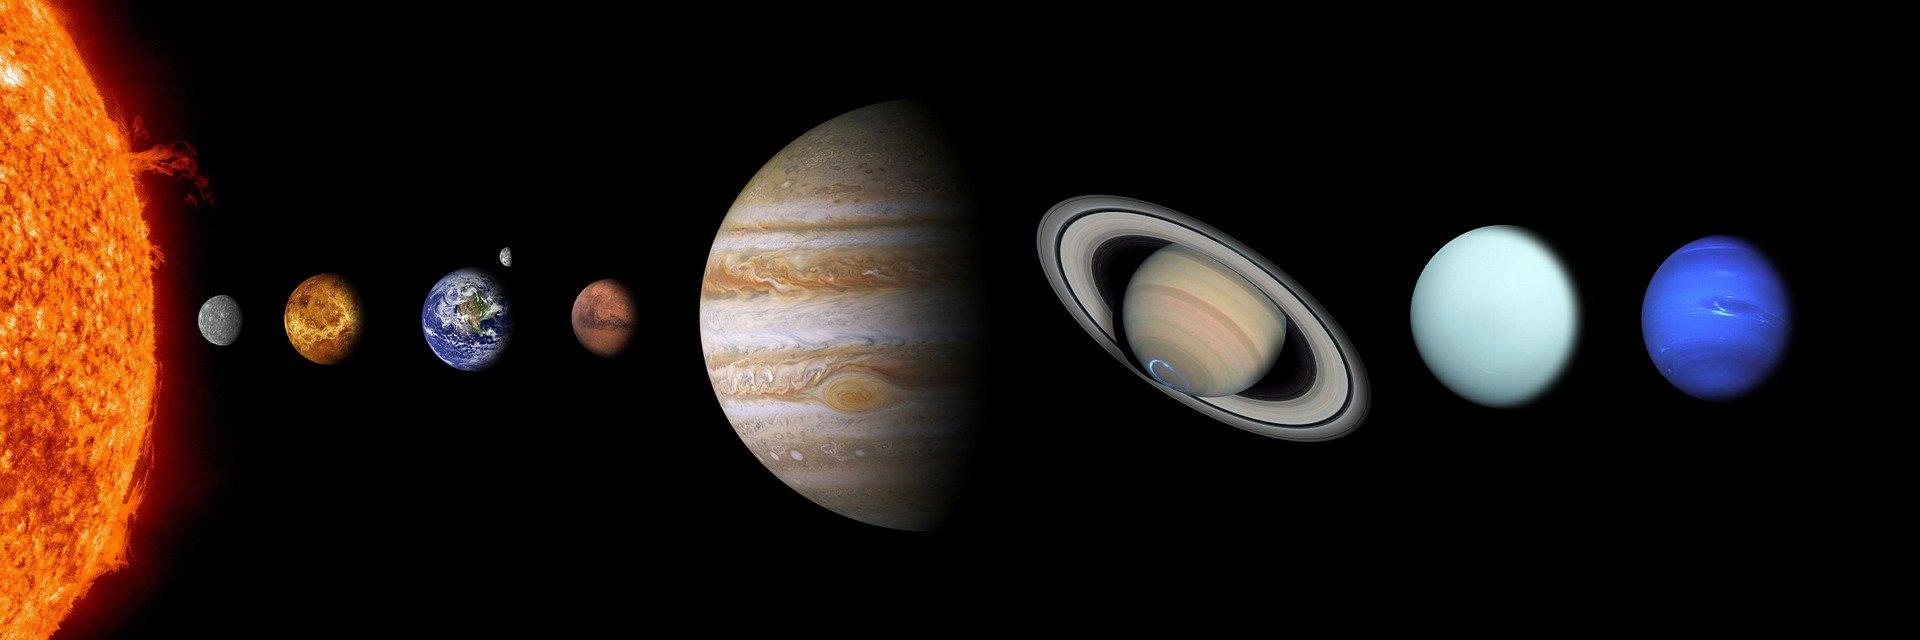 7月4日は500年に1度!惑星直列が起きる日